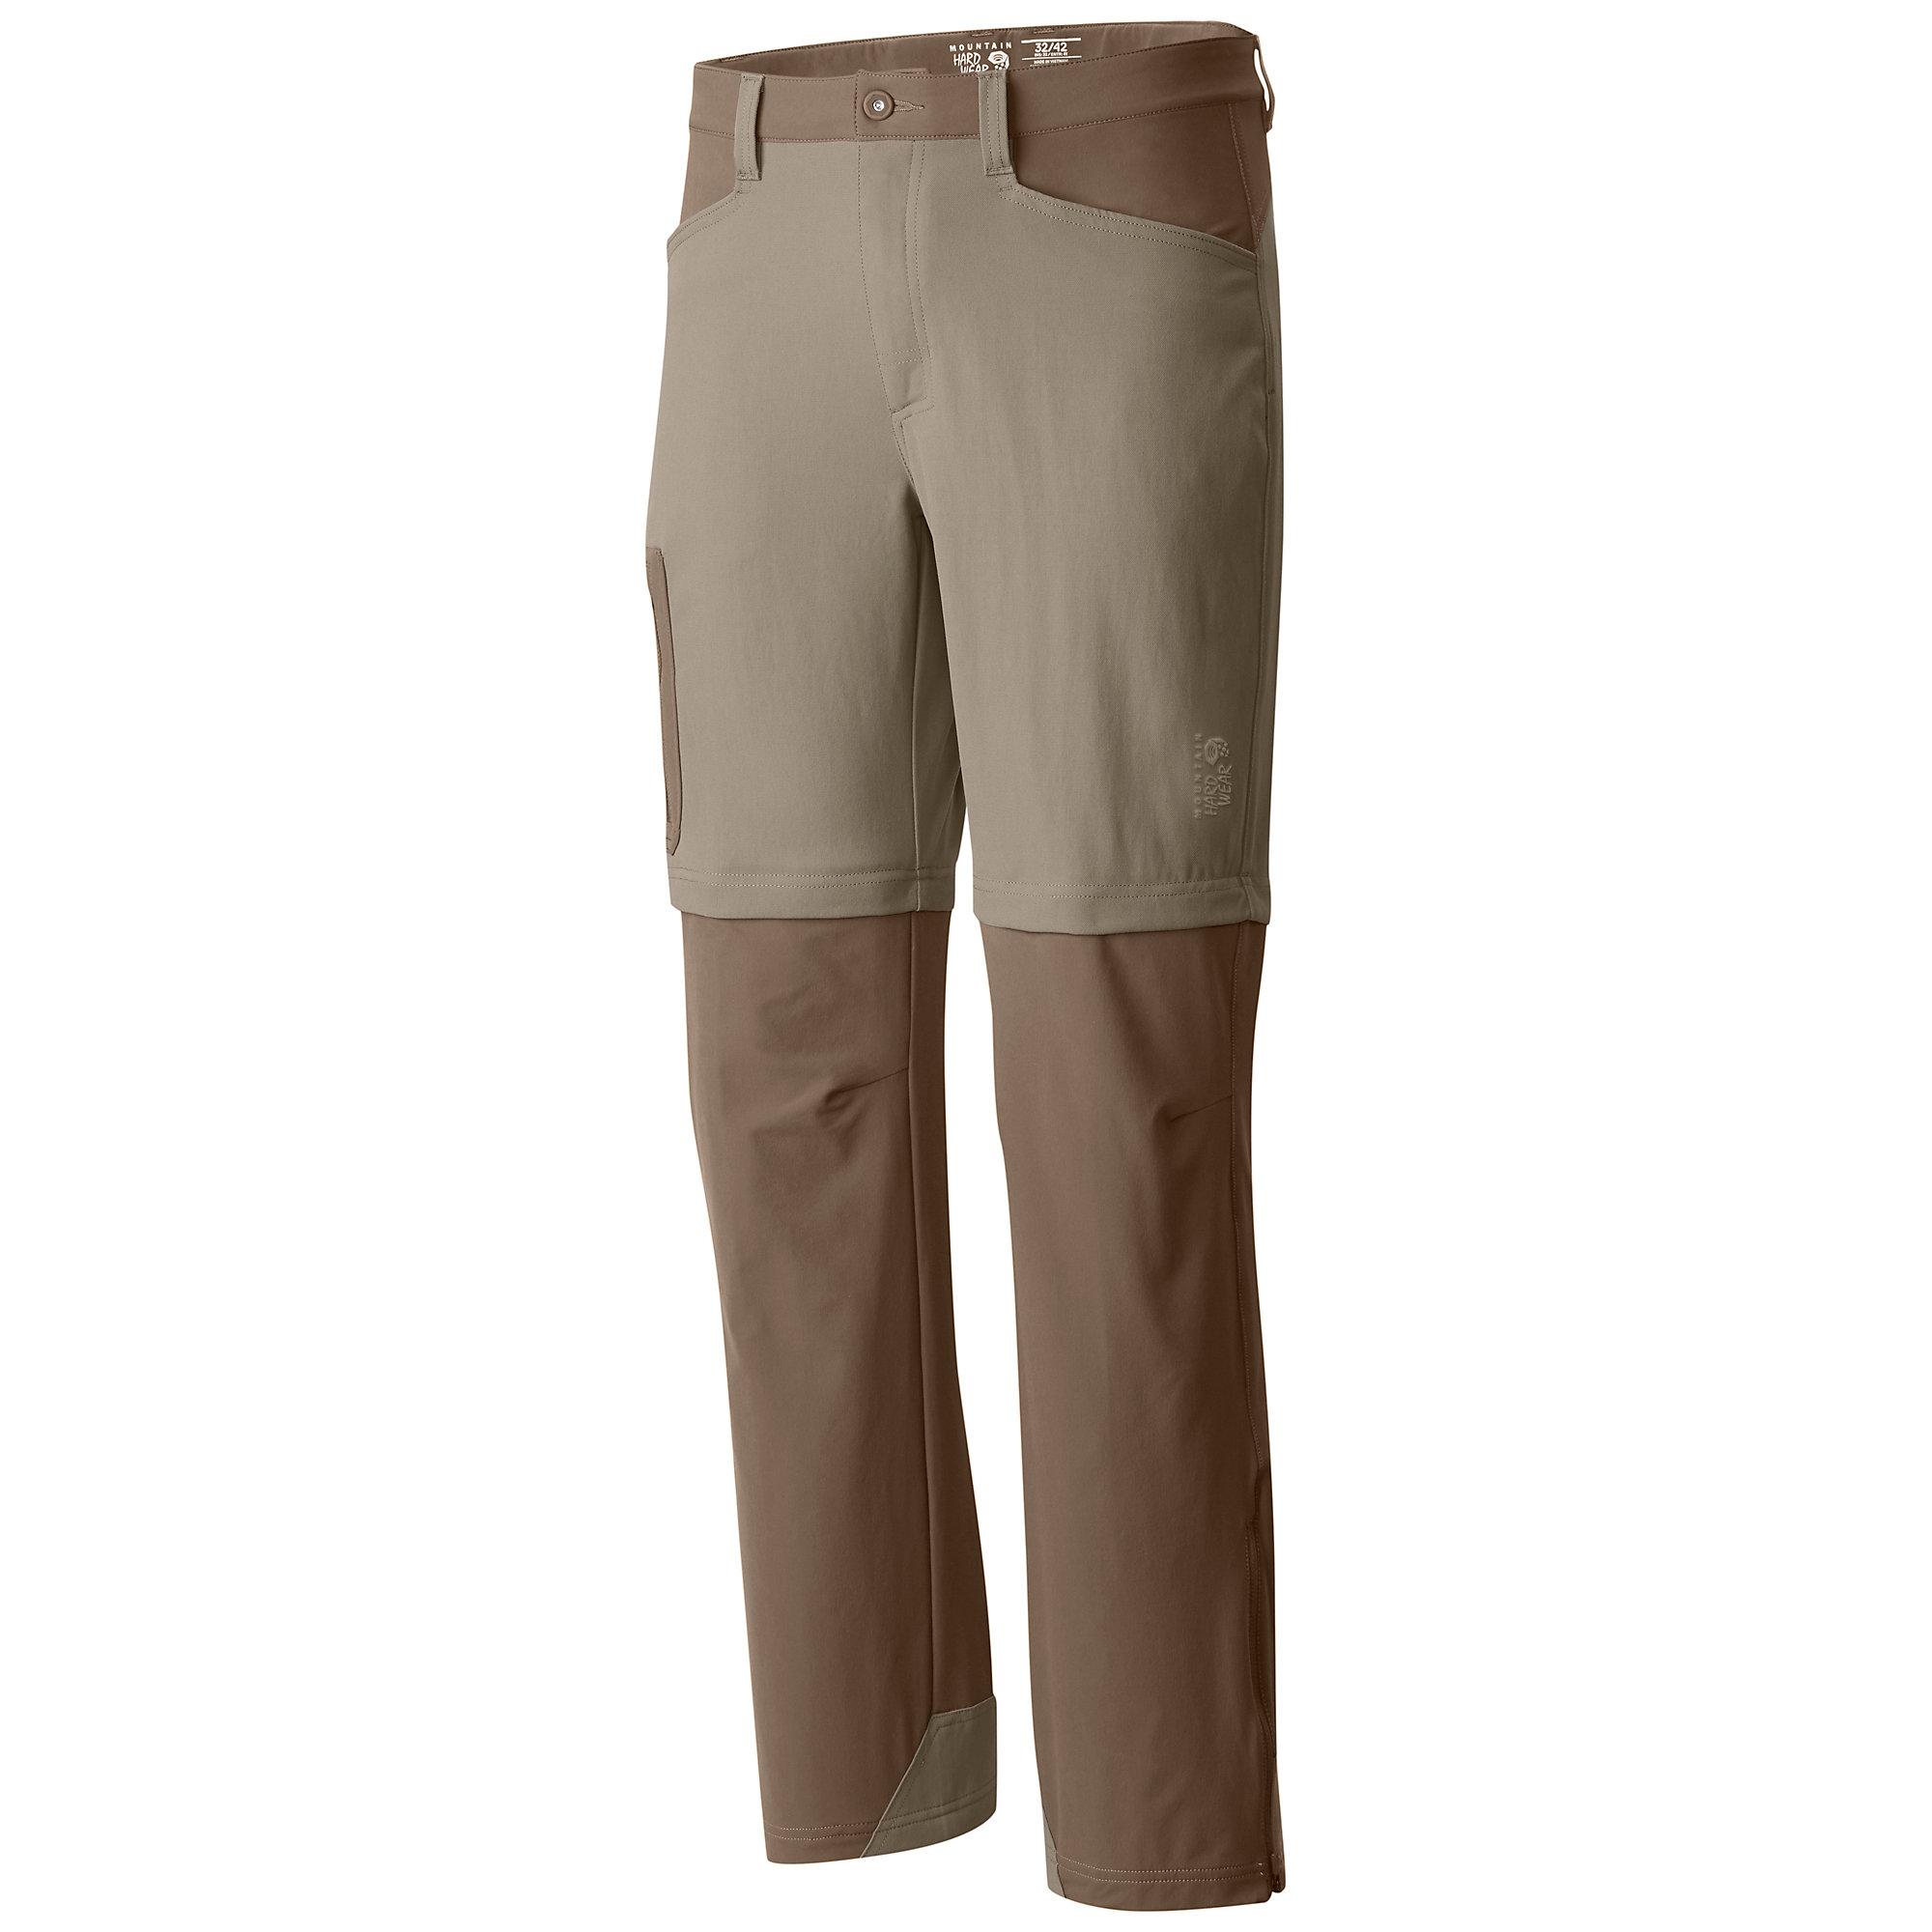 Mountain Hardwear Sawhorse Convertible Pant